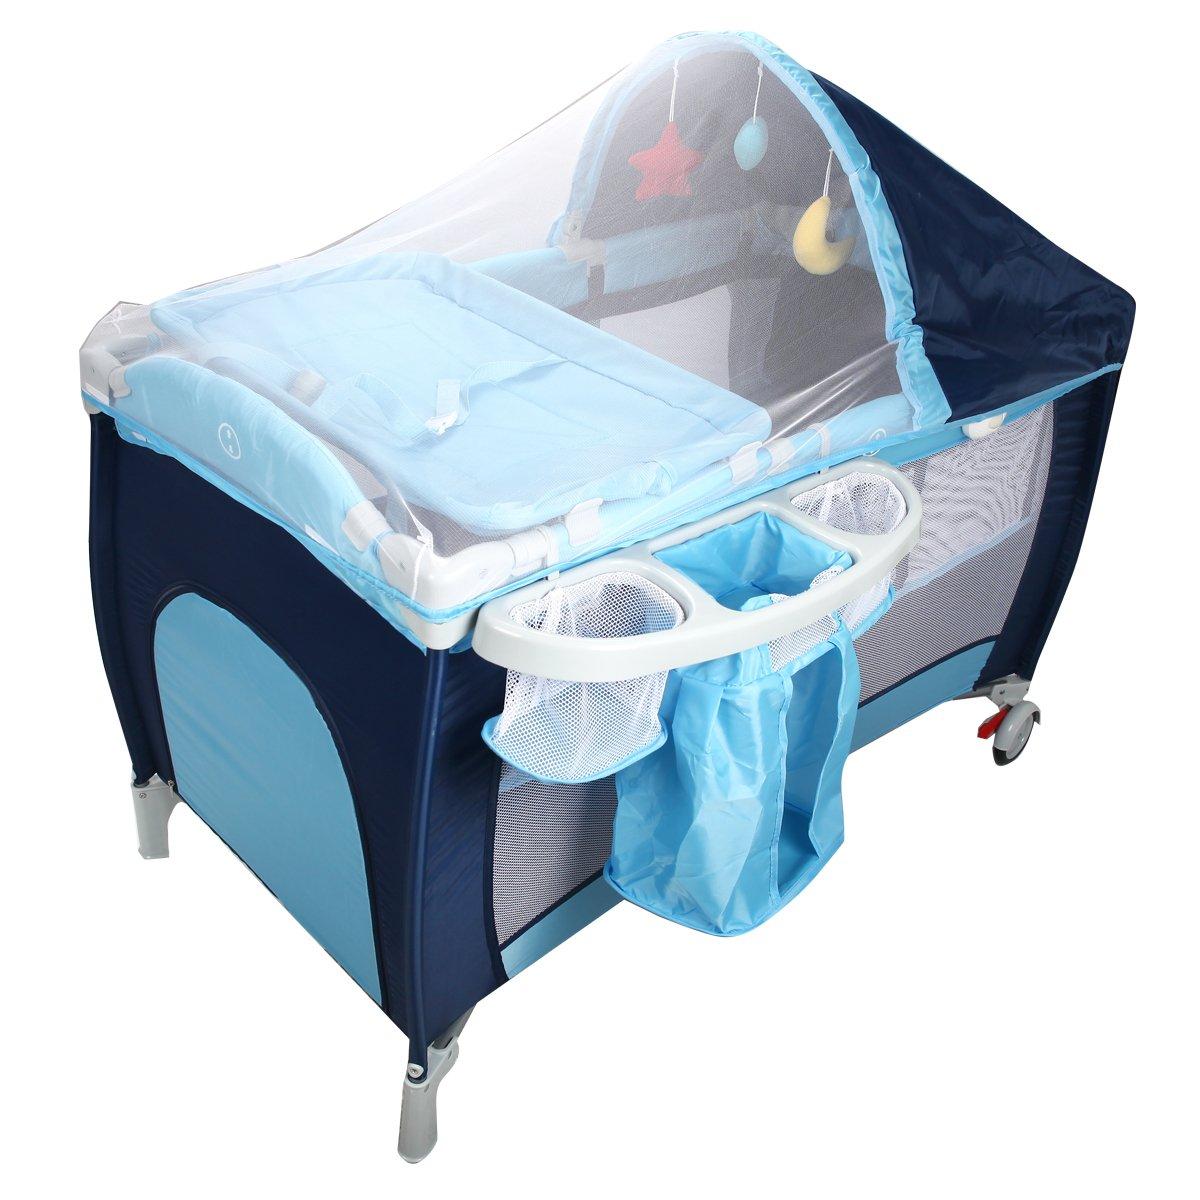 GOPLUS Kinderreisebett Reisebett Klappbett baby Kinderbett Babybett Baby Klappbett faltbar farbwahl mit Tragetasche (Blau)